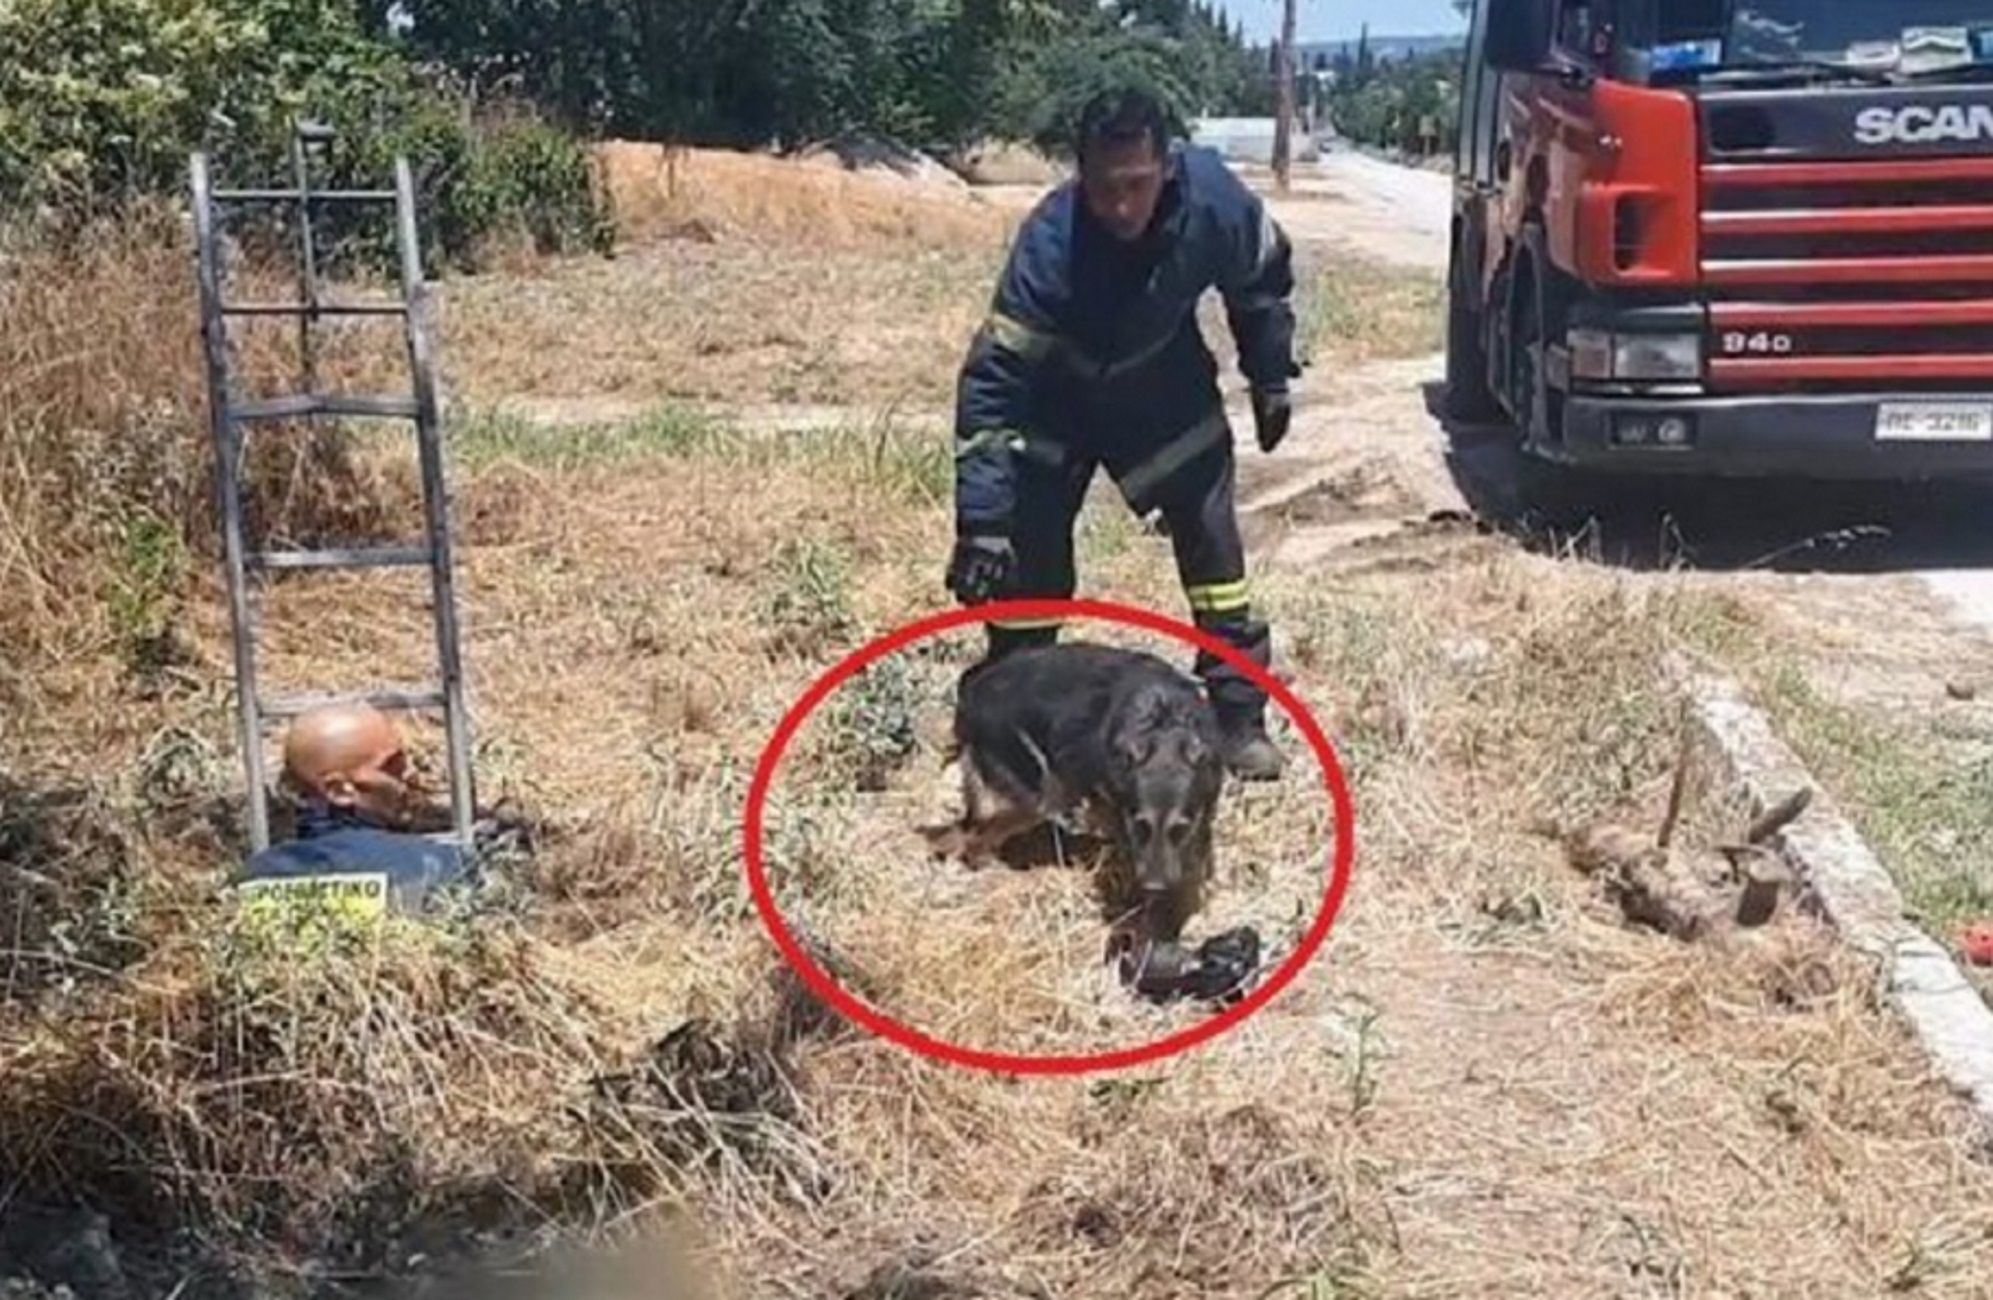 Θεσσαλονίκη: Διάσωση σκύλου στην κάμερα – Έπεσε και παγιδεύτηκε μέσα σε φρεάτιο στην Καλαμαριά